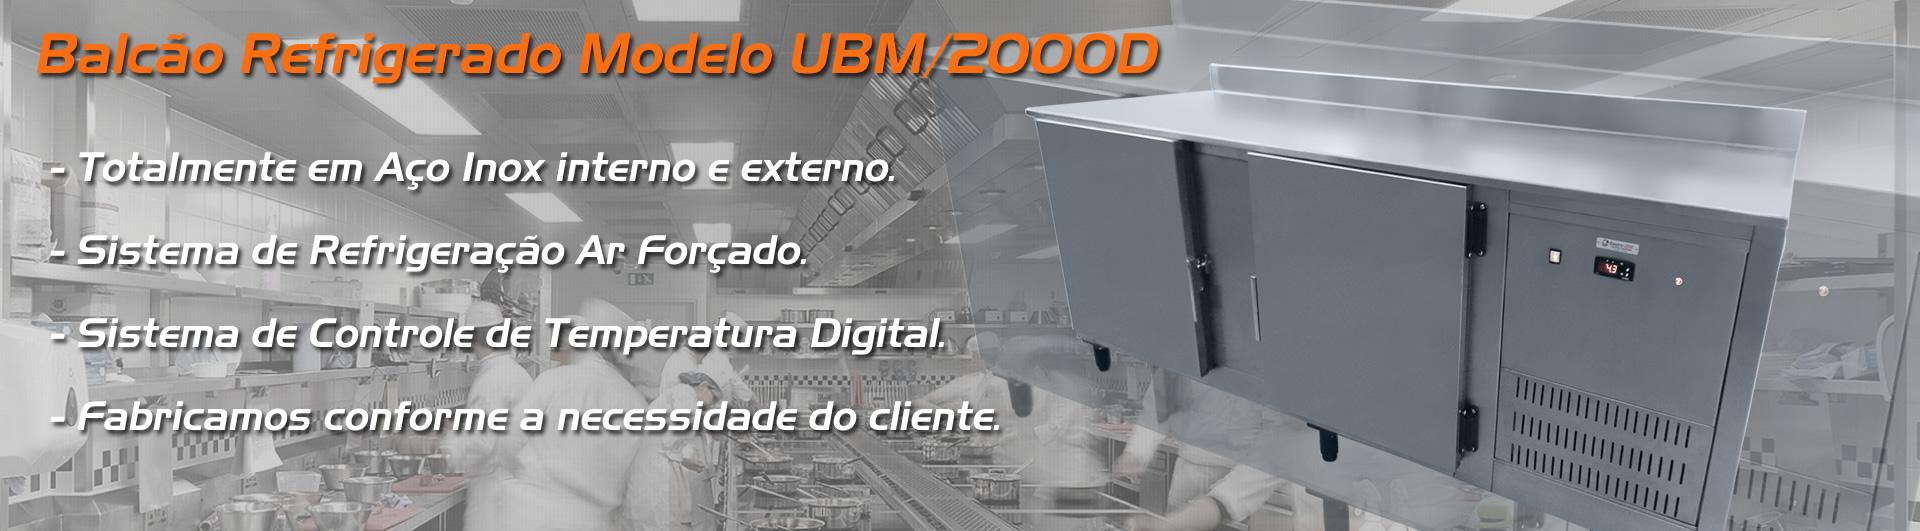 Balcão Refrigerador UBM/2000D